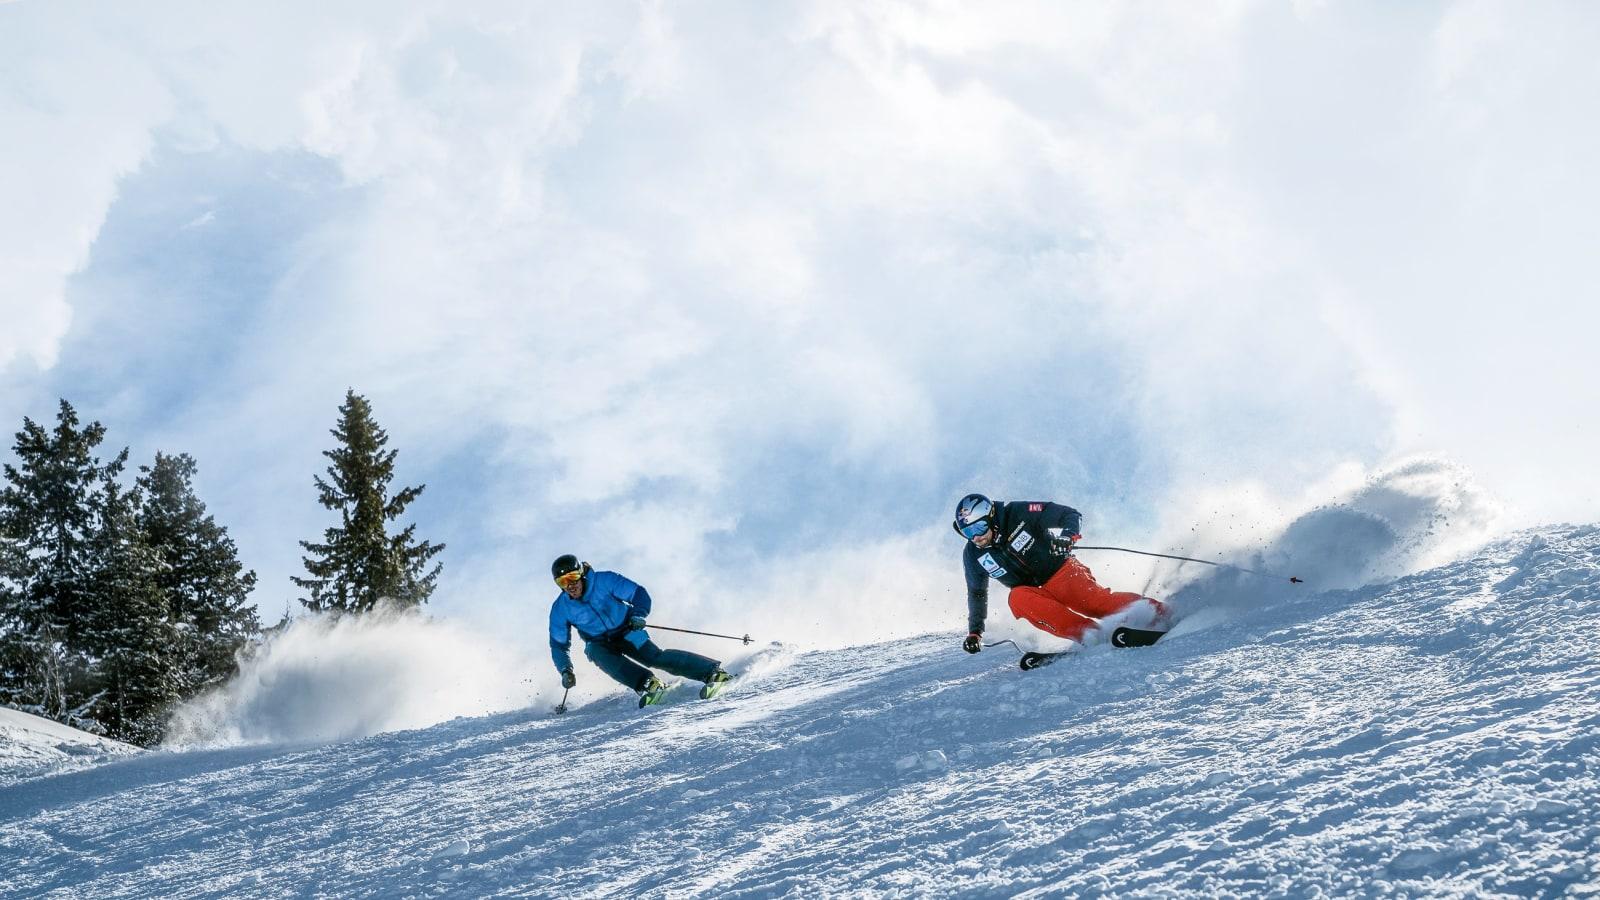 GJENFORENING: Eirik Finseth (t.v.) og Aksel Lund Svindal var tidligere arge konkurrenter, men det er 20 år siden. Hvordan står det til med skiteknikken til Eirik i dag. Holder den fortsatt mål? Bilde: Magnus Roaldset Furset